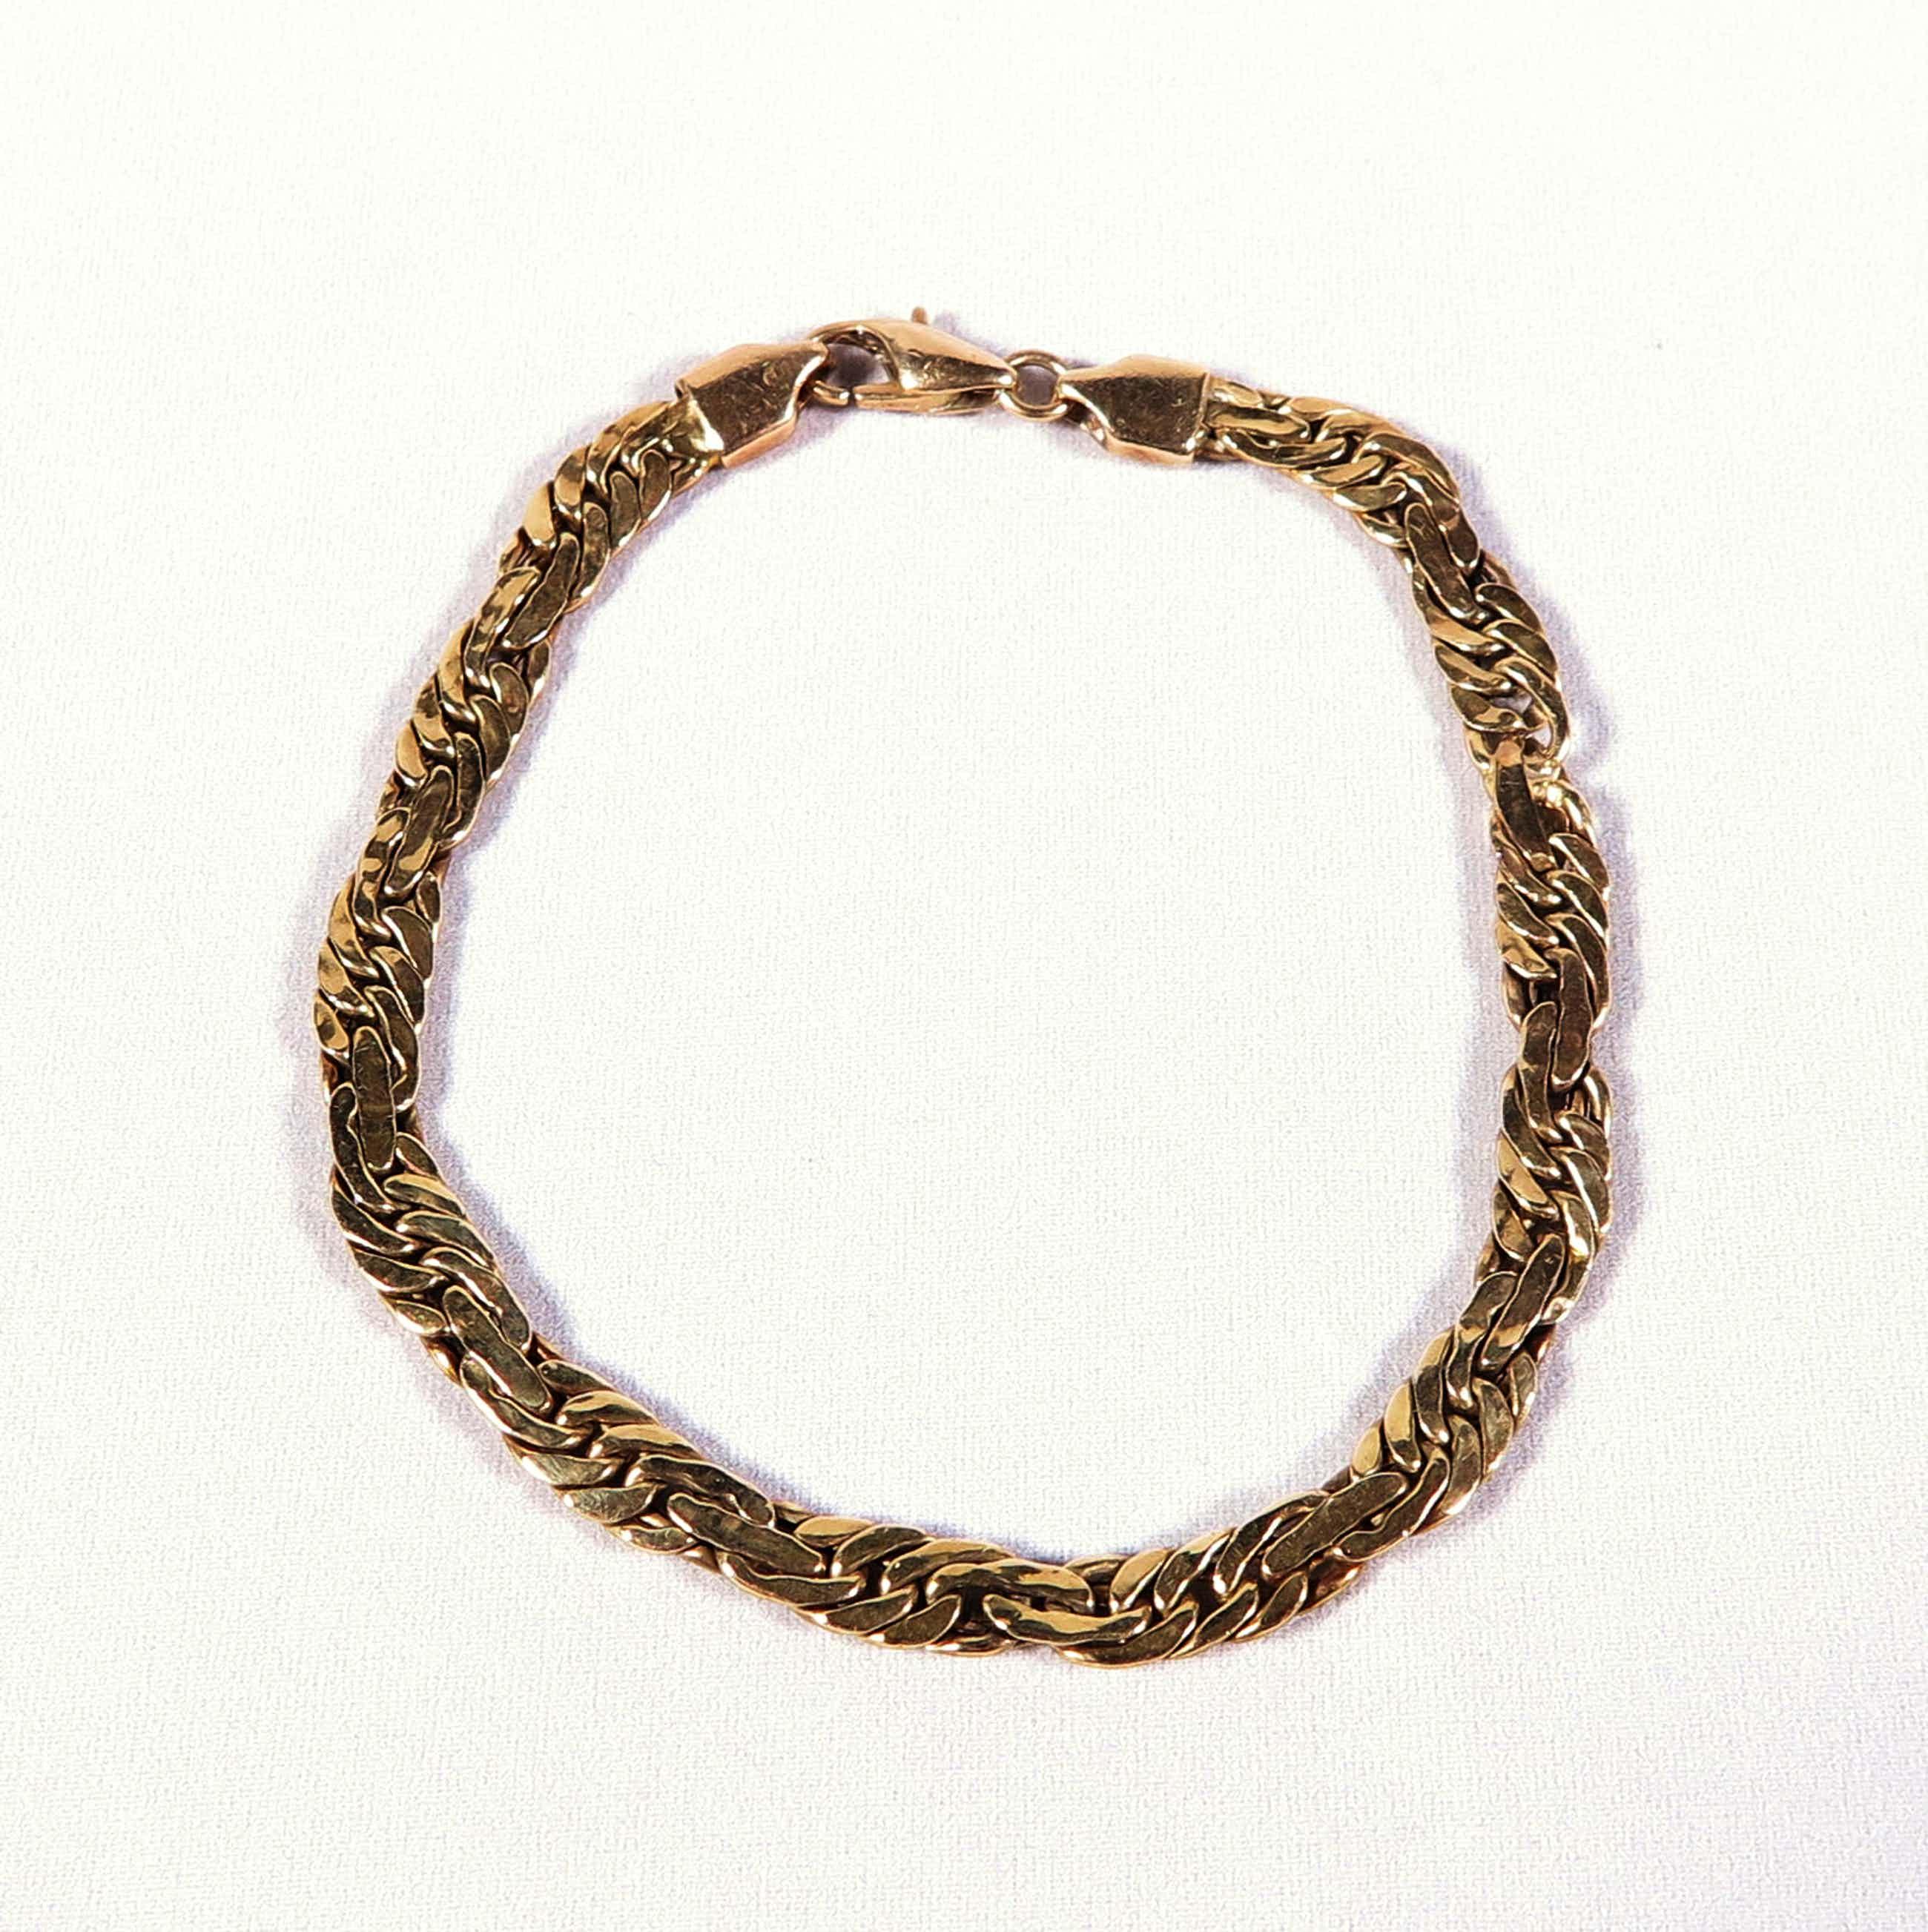 14K Goud - Mooie gouden armband kopen? Bied vanaf 250!